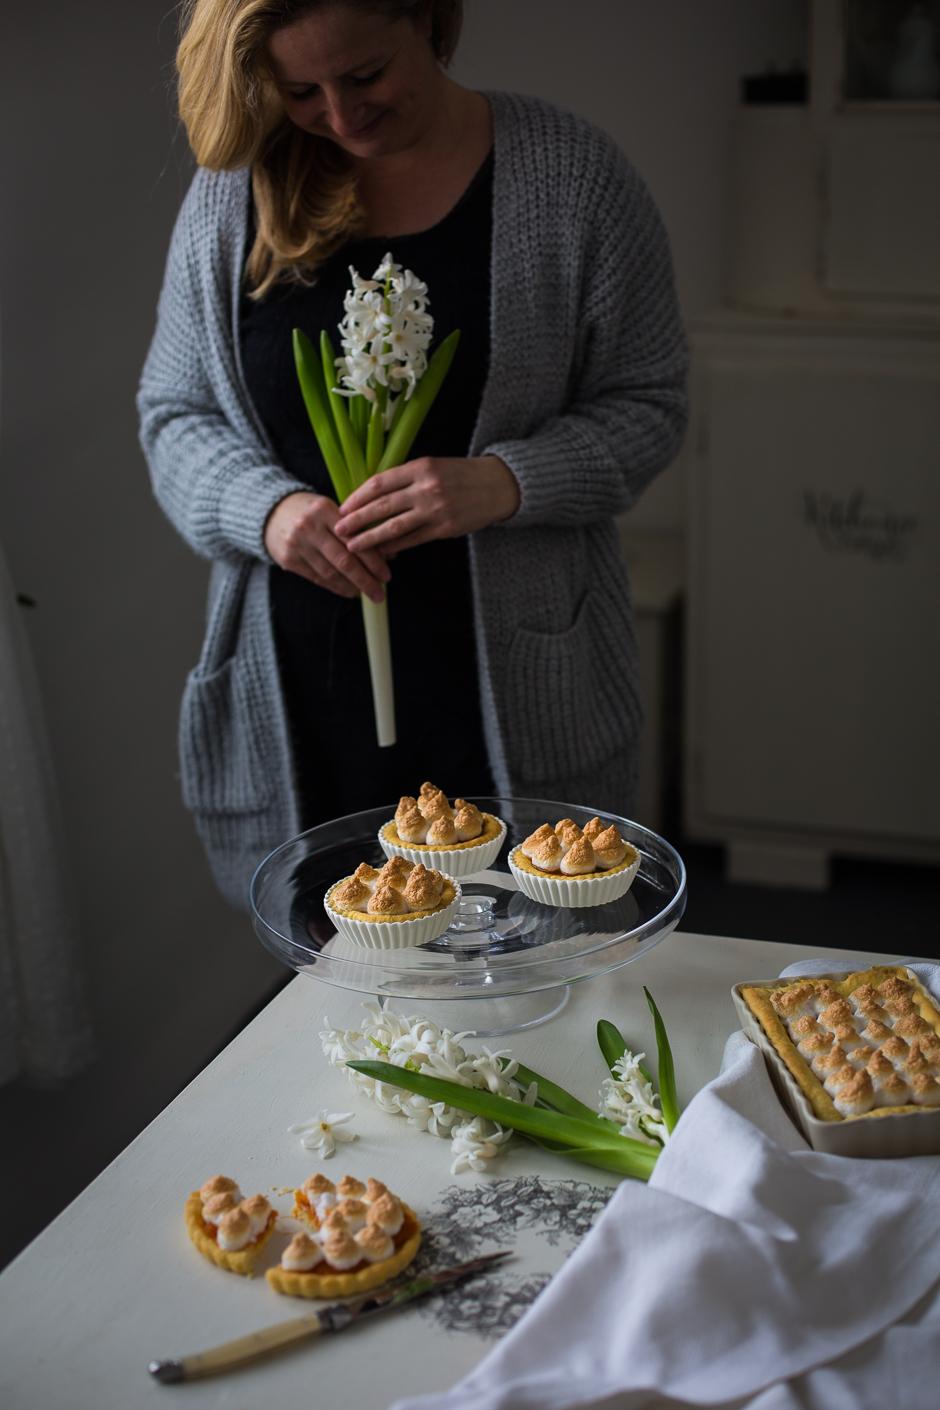 női szeszély az Emlékek Íze konyhájából www.emlekekize.hu